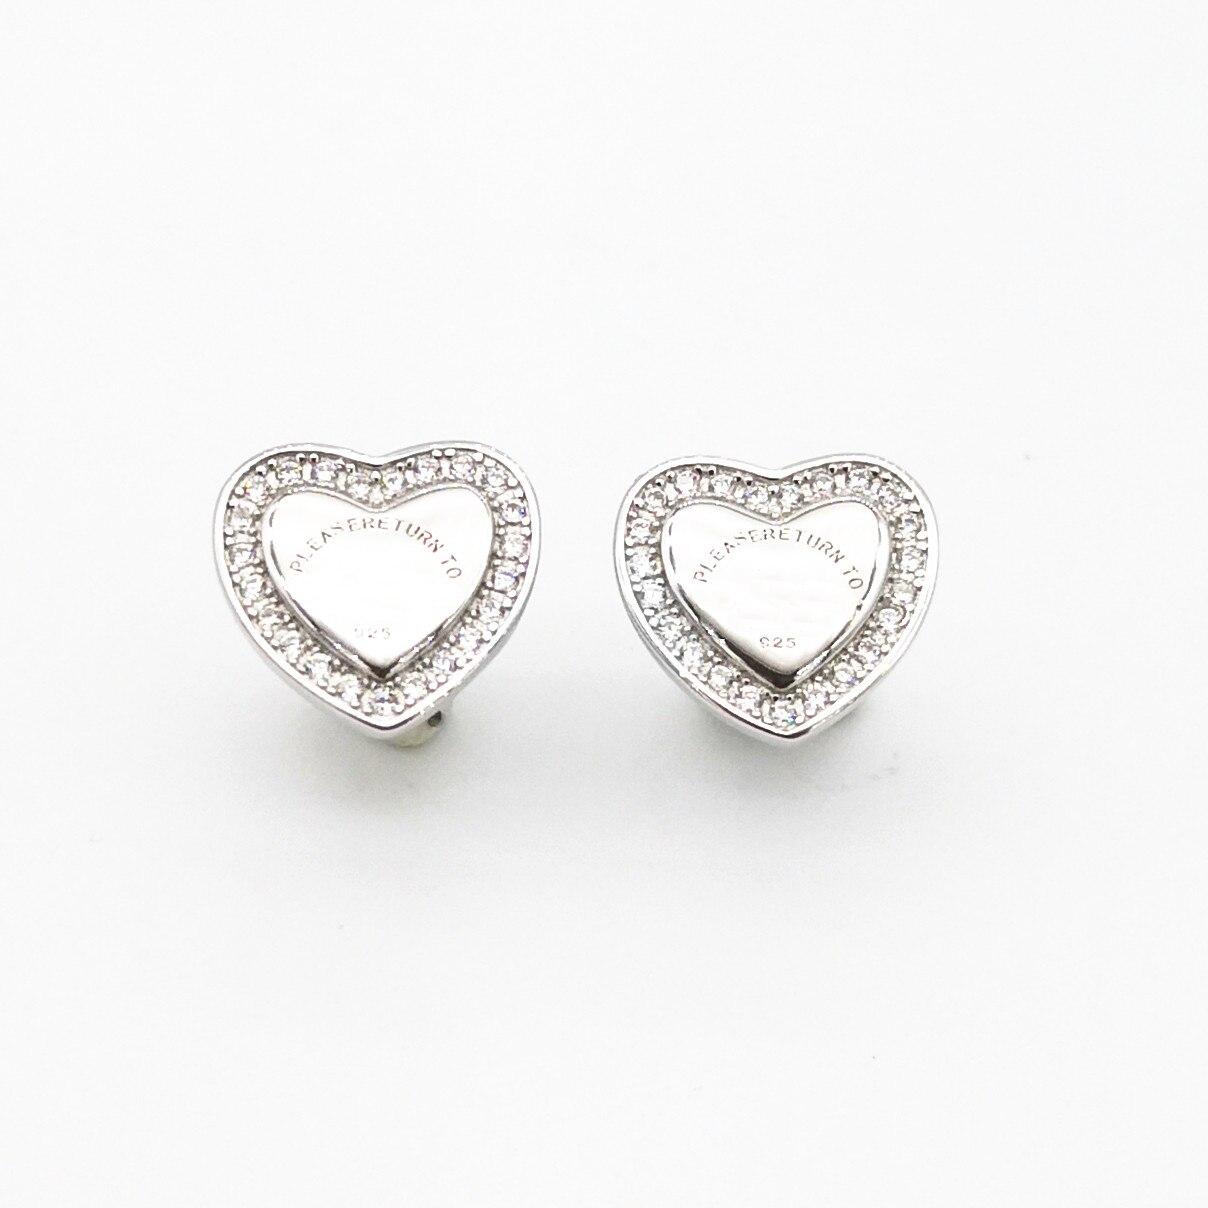 Women's Sterling Silver Classic Rose Gold Heart Shaped Zircon Stud Earrings Sterling Silver Heart Stud Earrings недорого